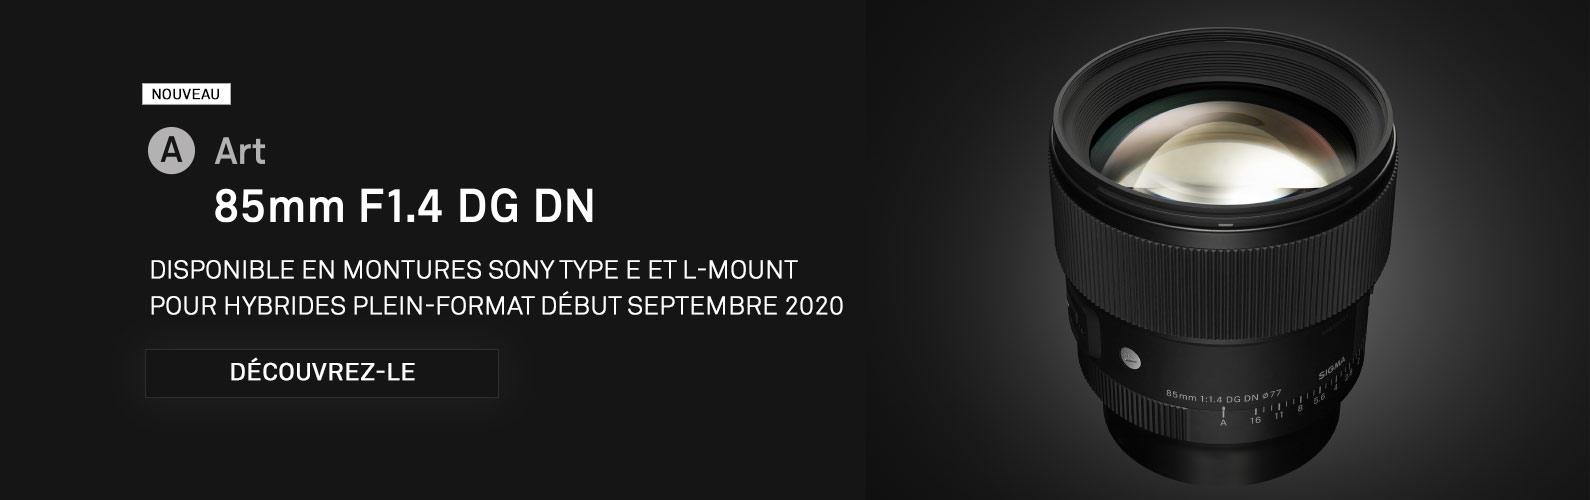 Nouveau 85mm F1.4 DG DN | Art pour hybrides plein-format